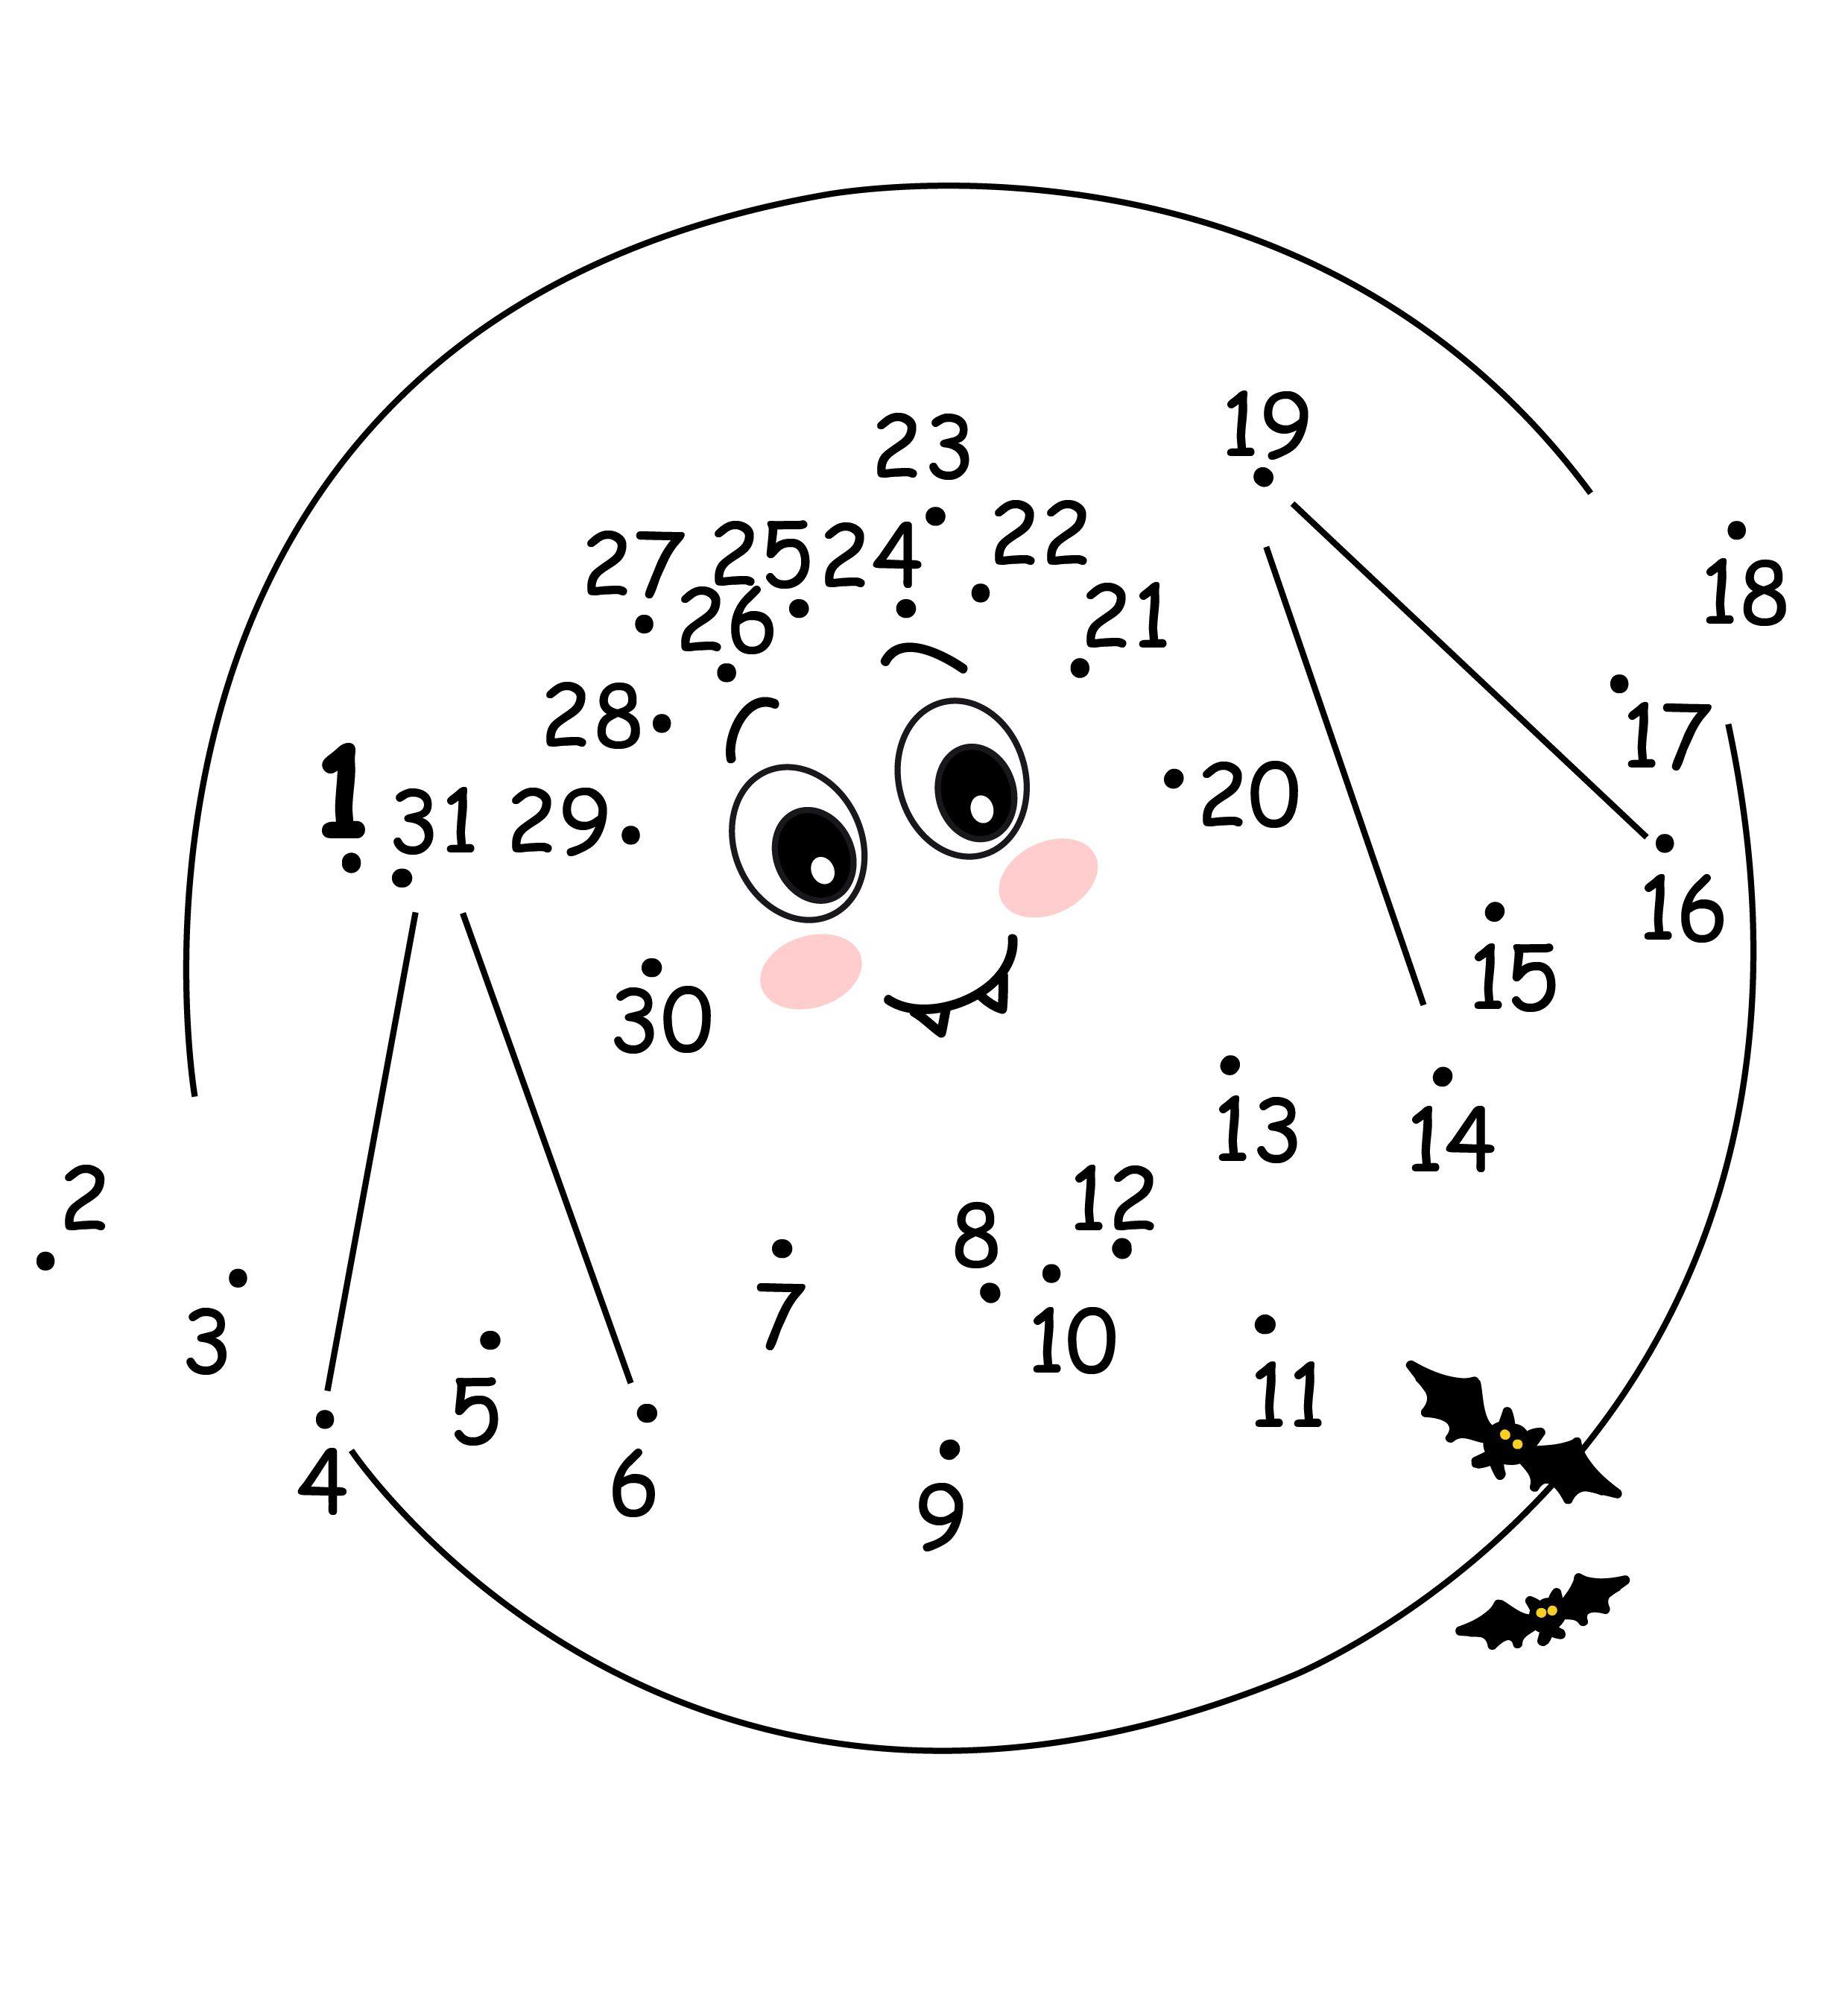 Fledermaus | A-B-C/1-2-3 | Pinterest | Fledermaus, Abendschule und ...